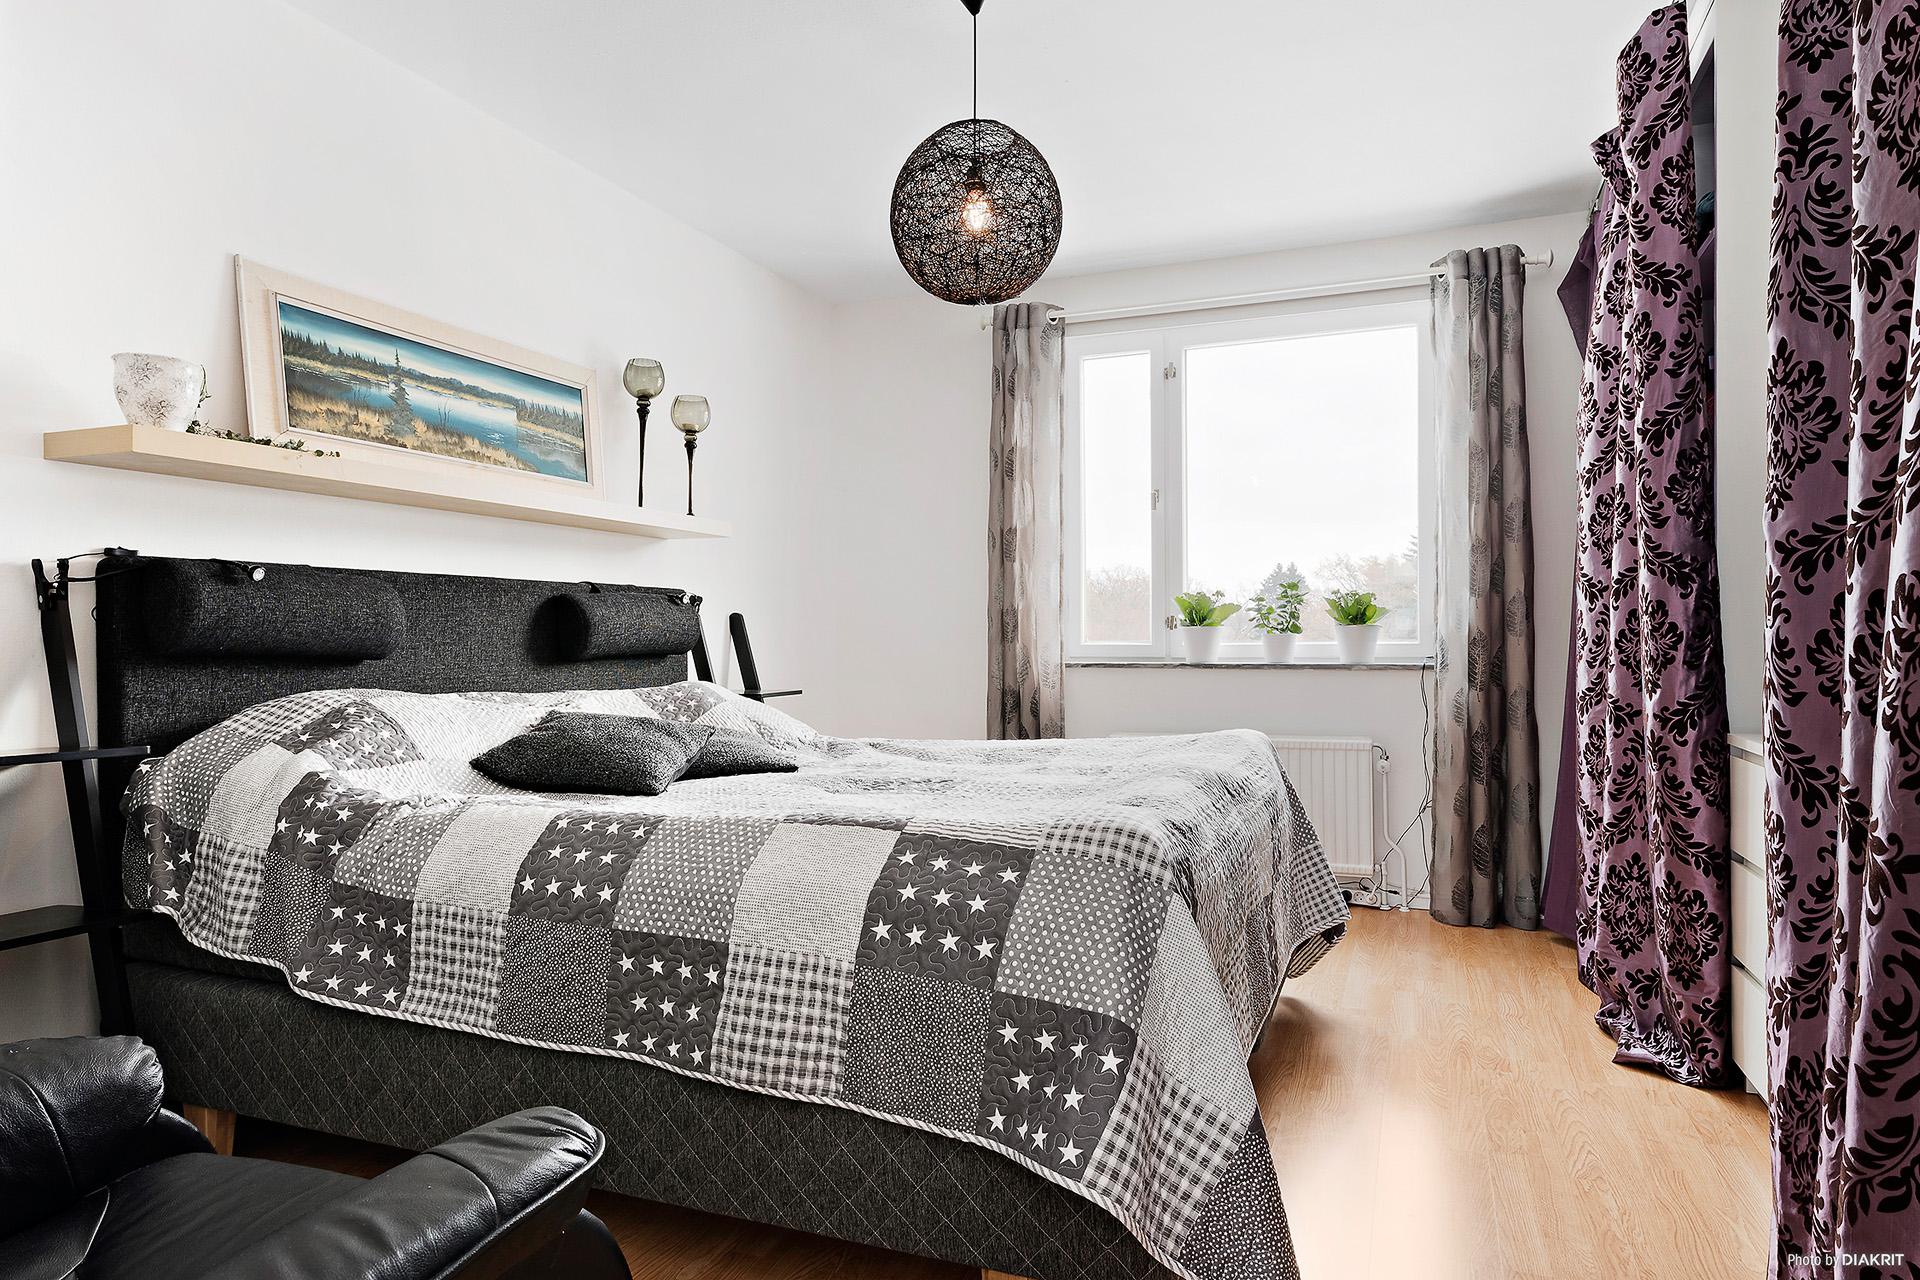 Större sovrum som går att dela av till 2 mindre rum och få egna dörrar till rummen